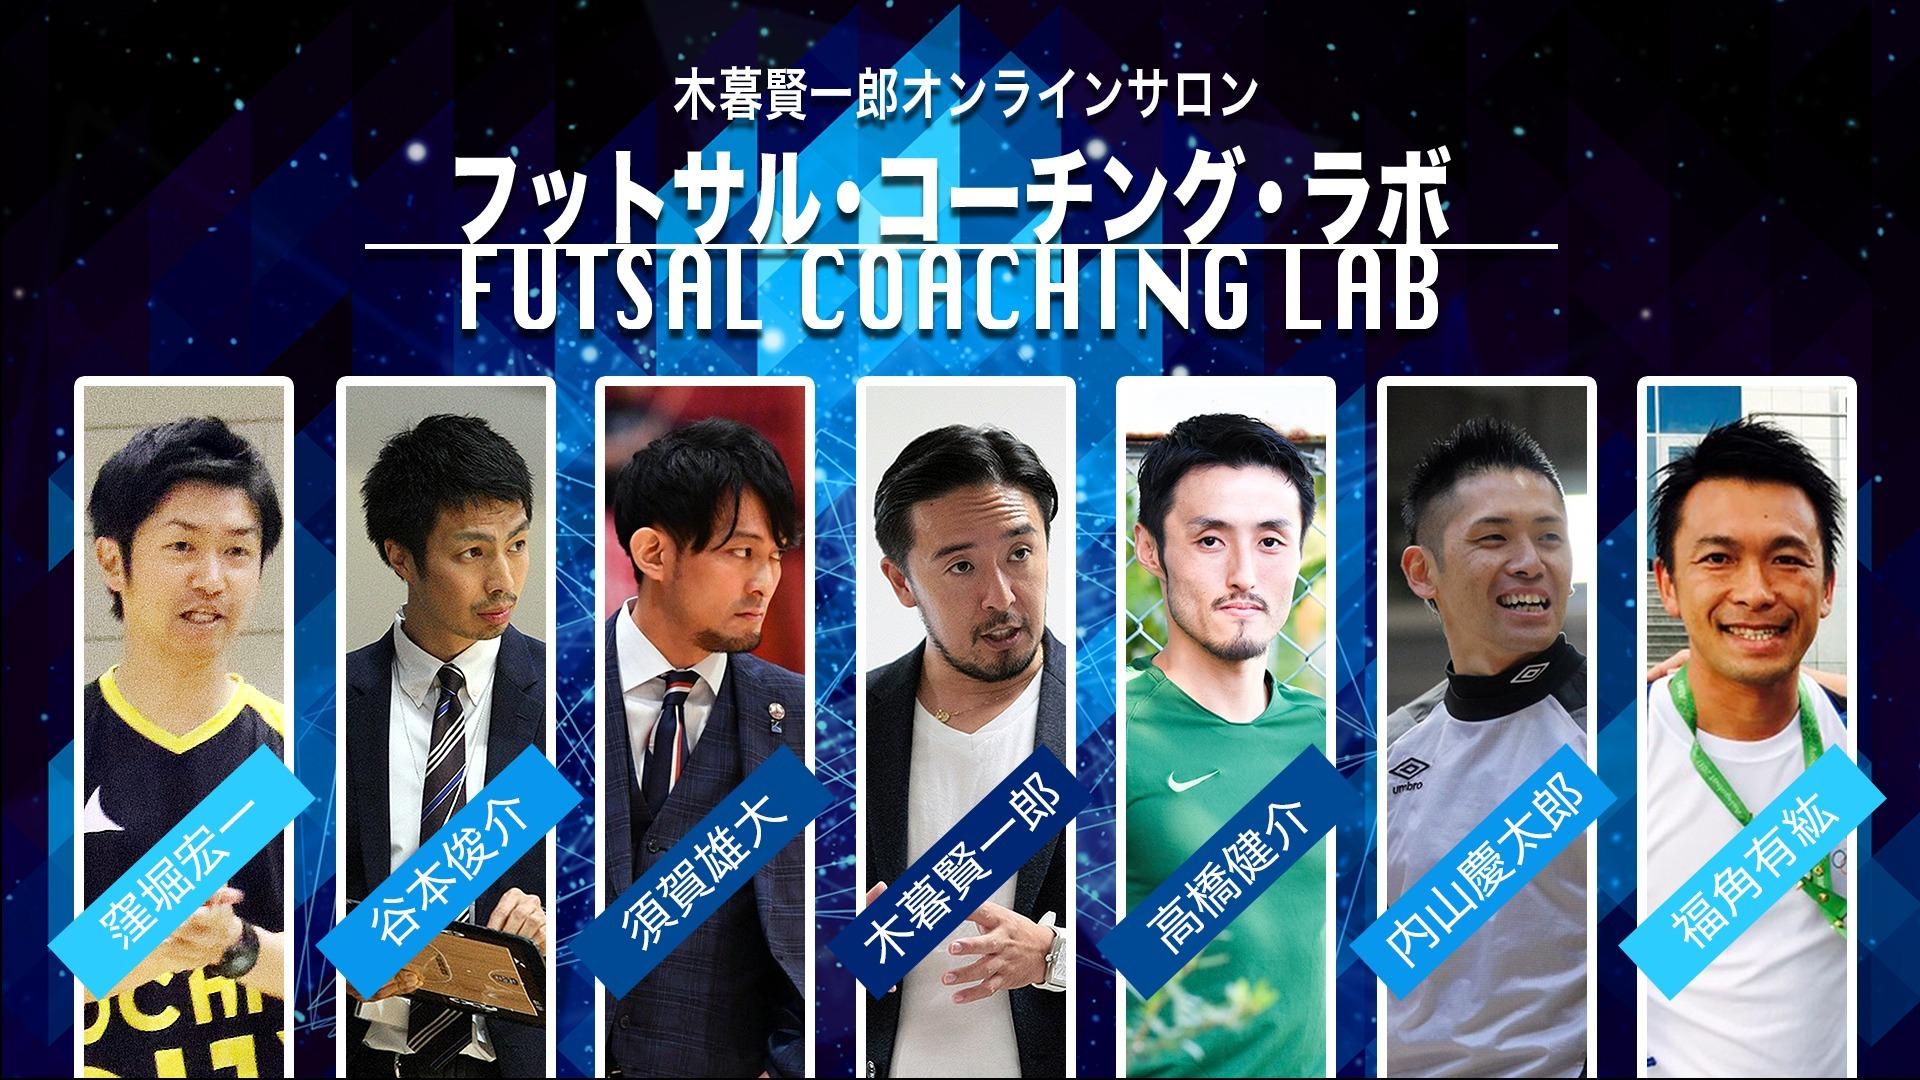 木暮賢一郎 日本フットサルが世界で勝つために